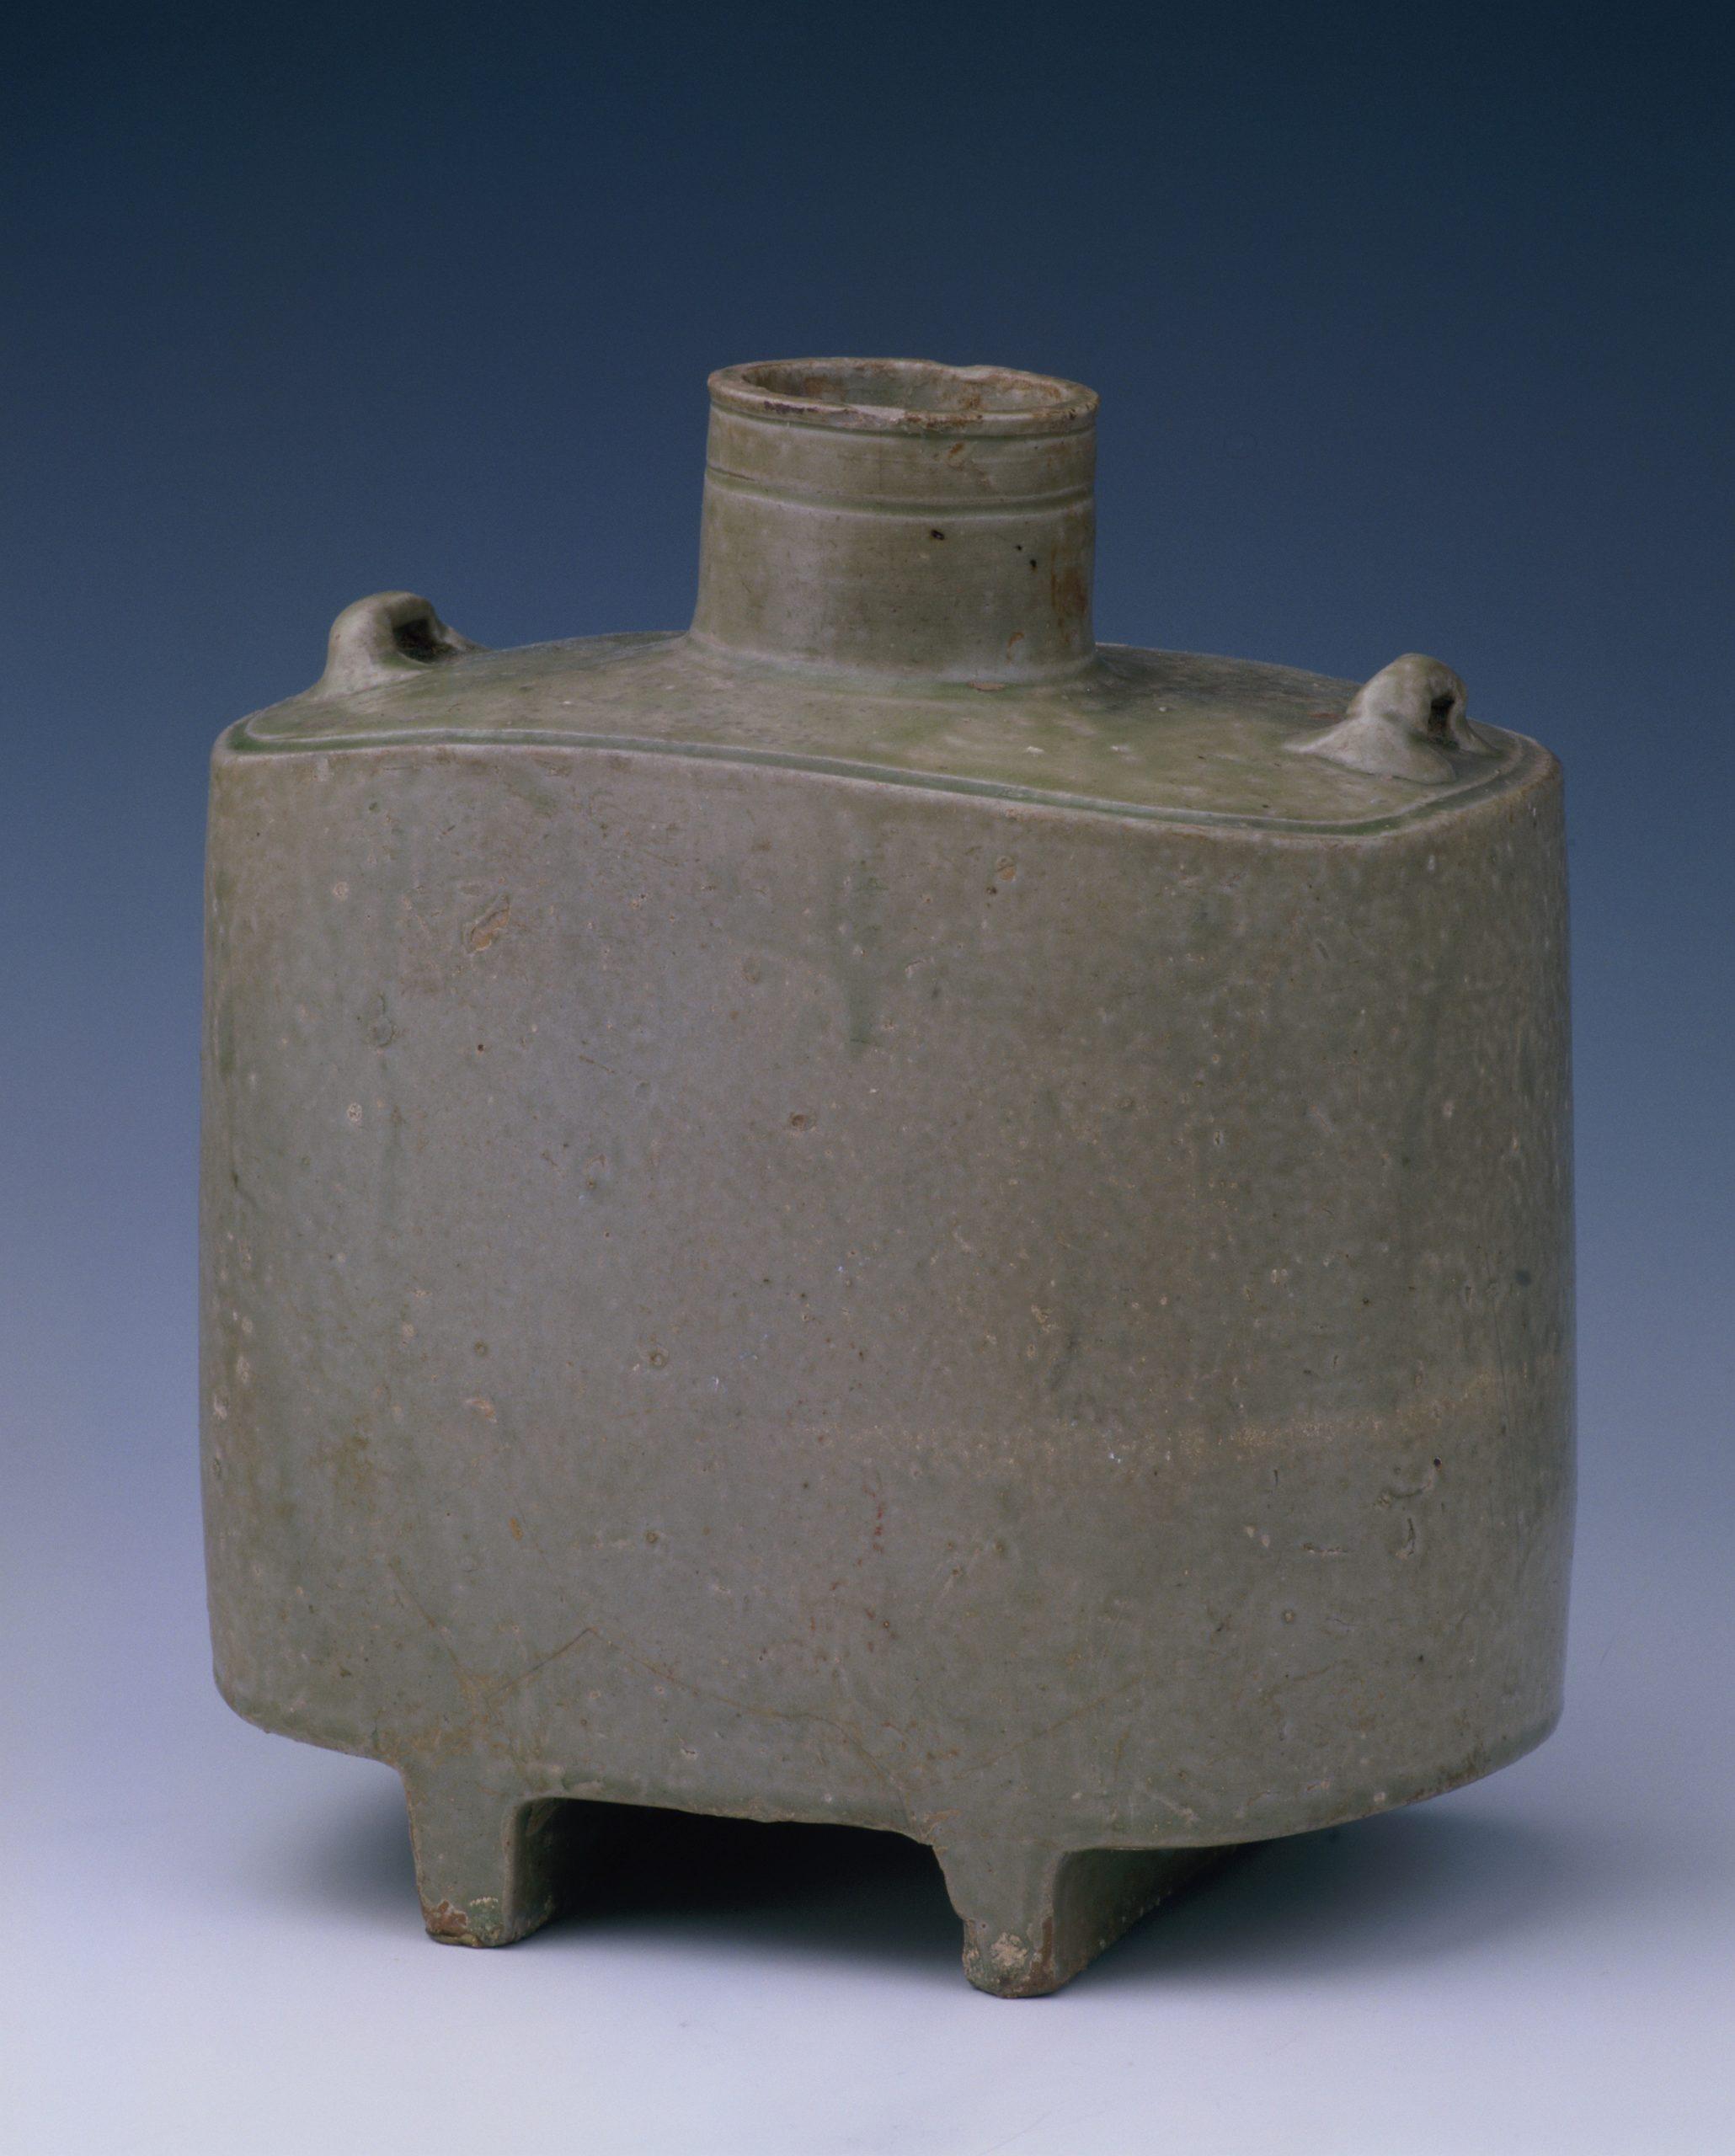 14.瓷扁壶 Gourde à panse plate hu 壶 en porcelaine